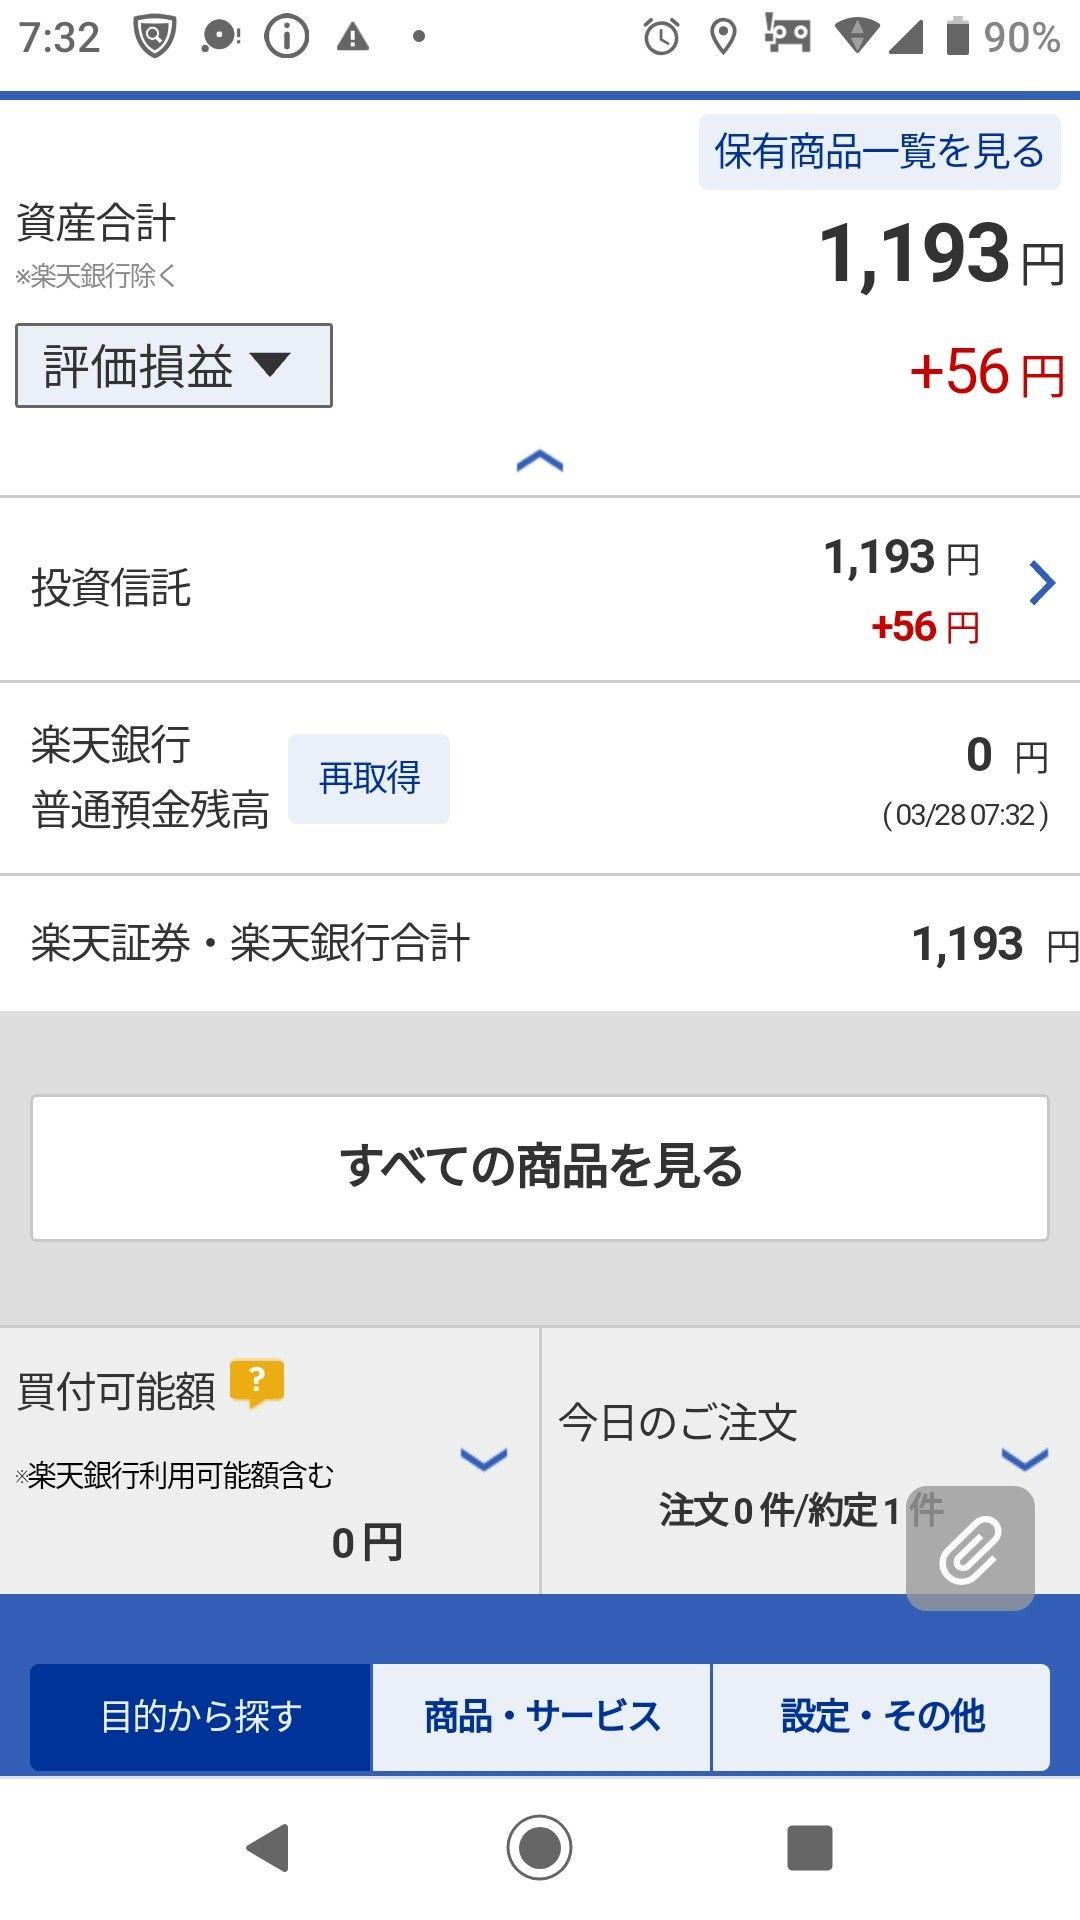 ファンド インデックス ニッセイ 株式 外国